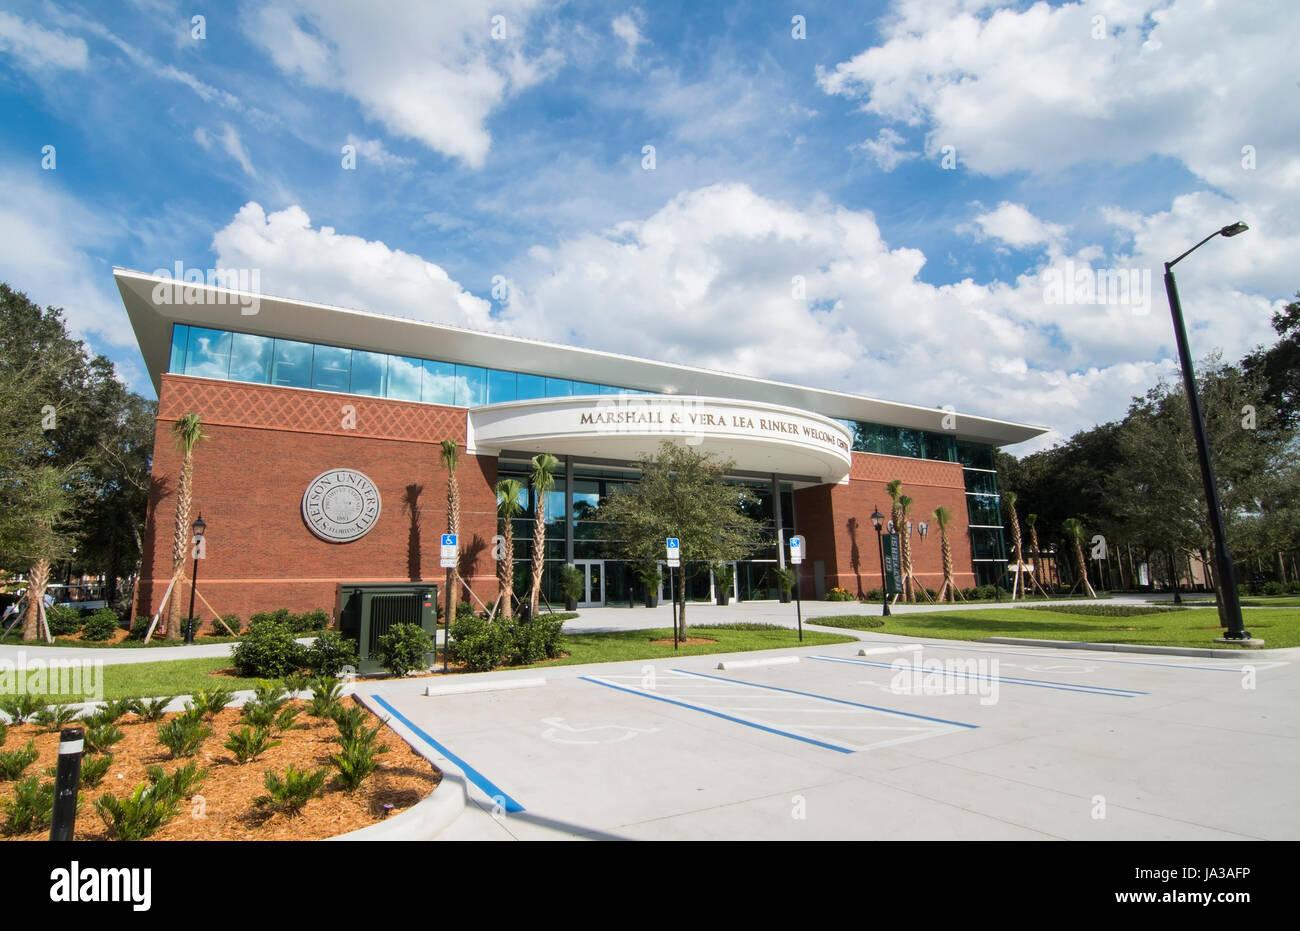 Deland Florida Stetson University college Marshall & Veralea Rinkert Centre Bienvenue dans une petite ville de l'éducation, Banque D'Images